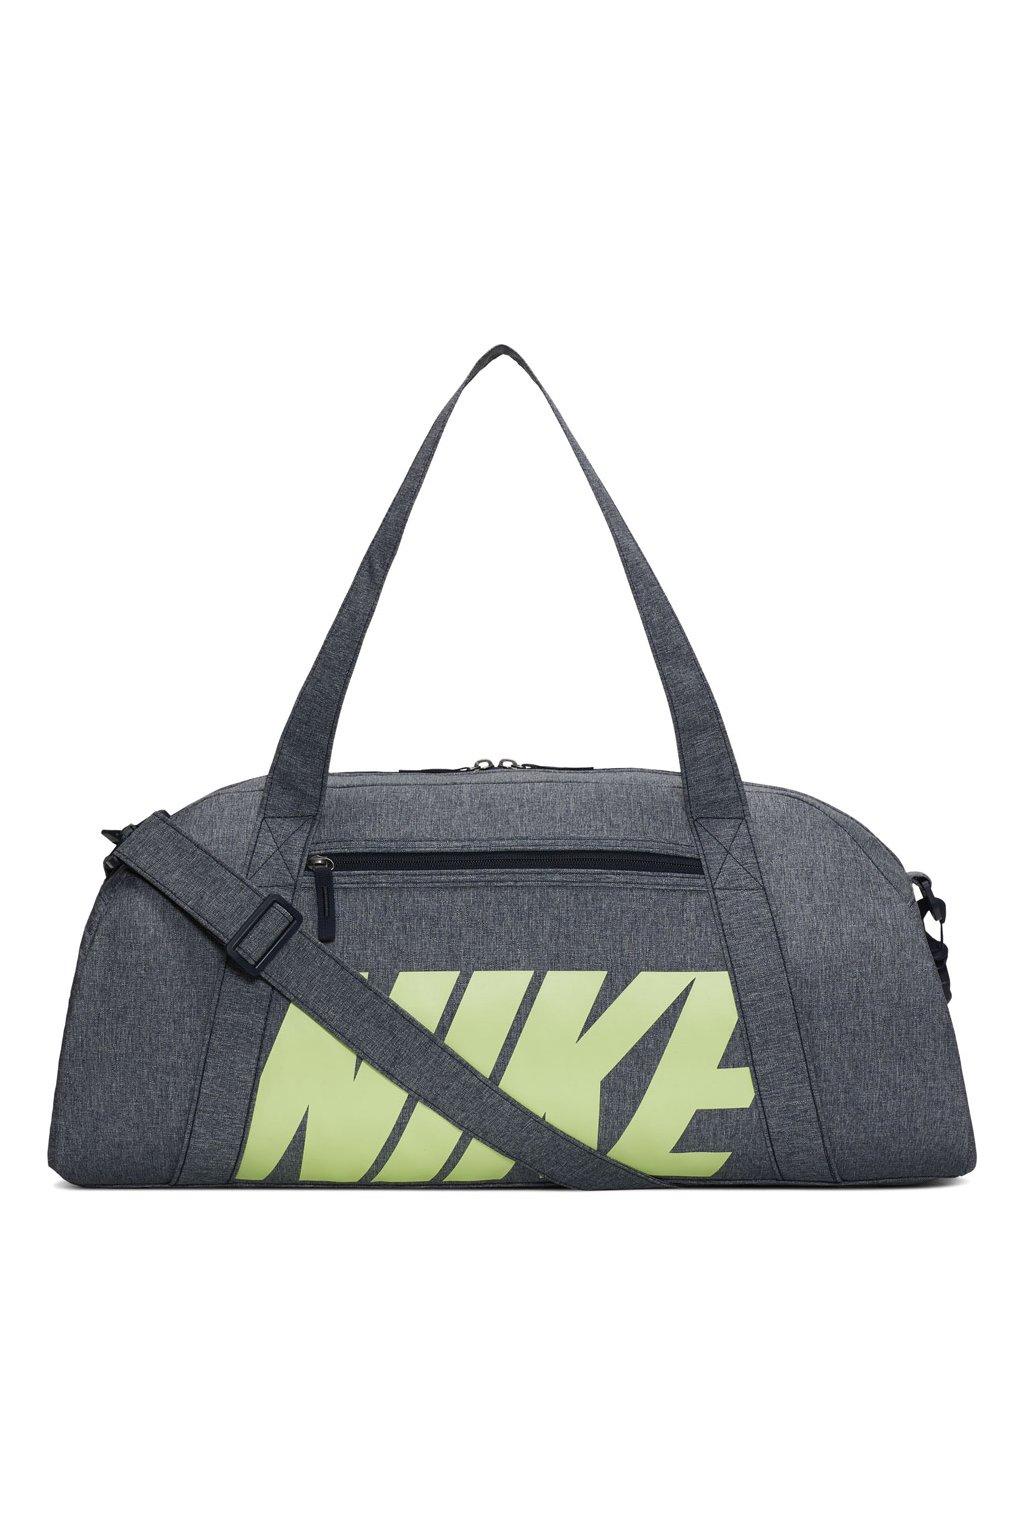 Taška dámska Nike Gym Club W šedá BA5490 453